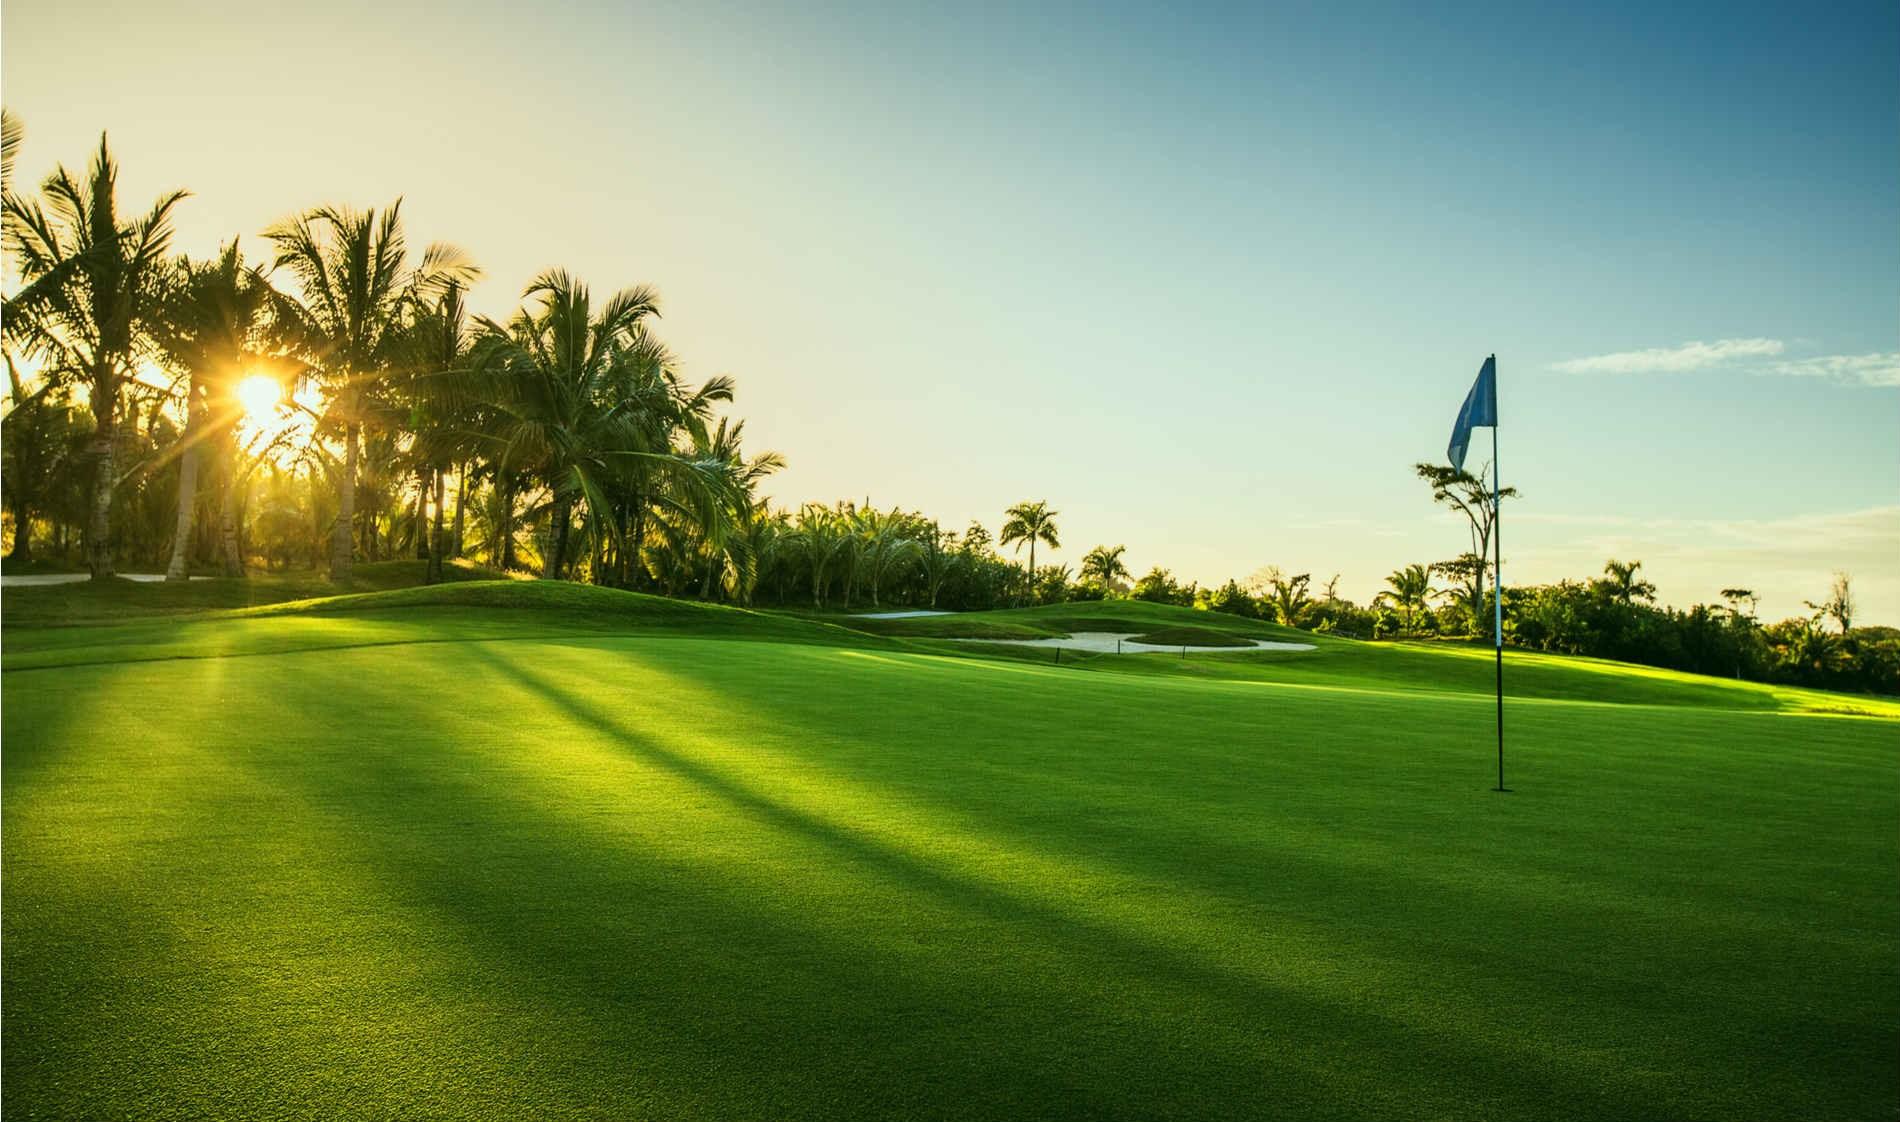 vila-sol-golf-academy-algarve